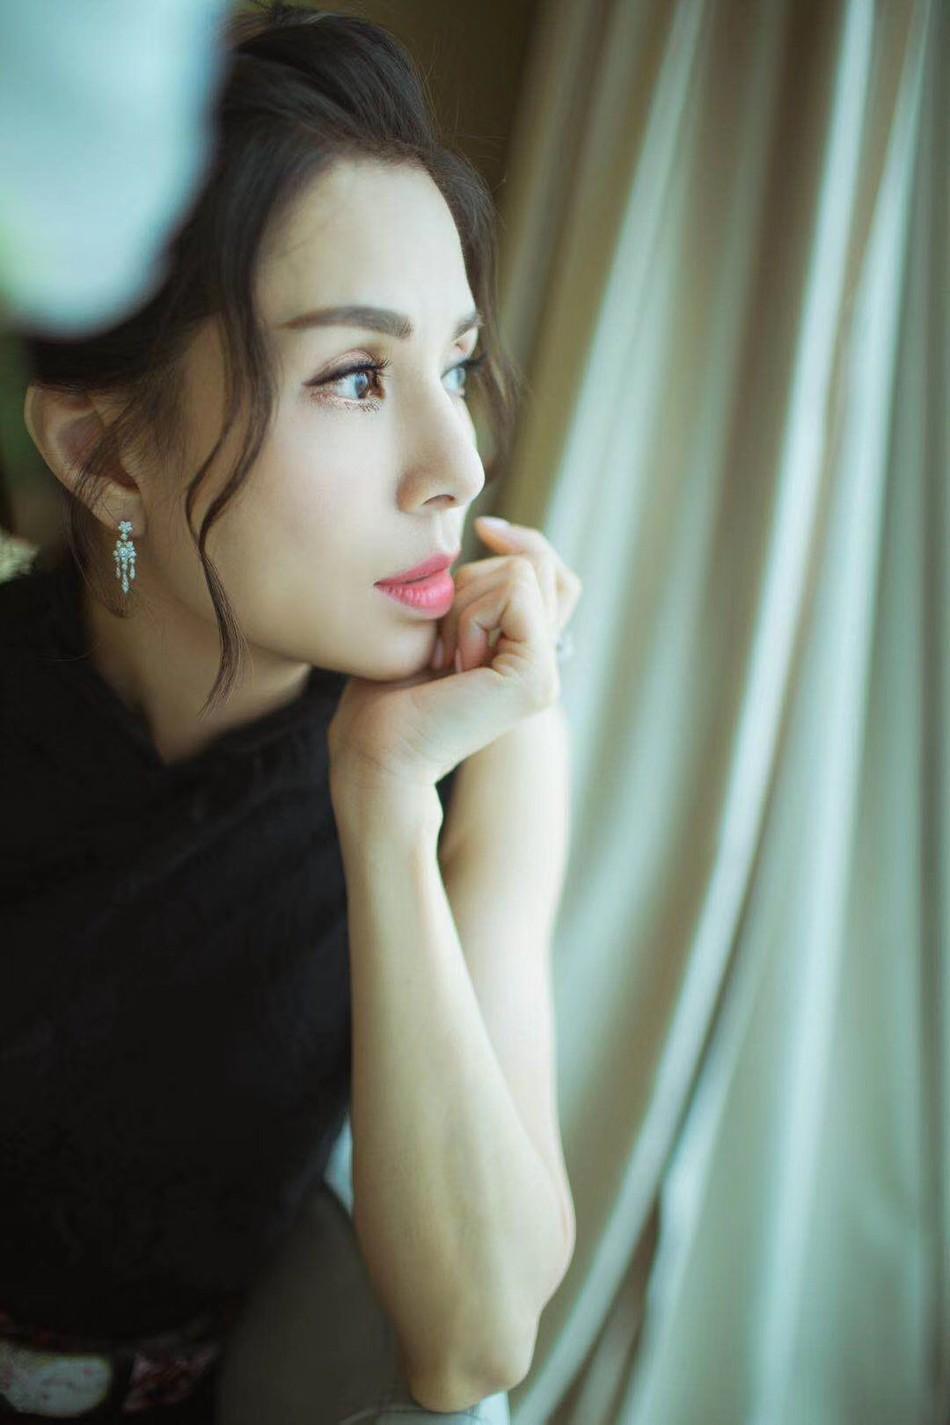 Tiểu Long Nữ độc thân đắt giá nhất Cbiz Lý Nhược Đồng: U50 vẫn đẹp đỉnh cao, mãi chẳng chịu chống lầy - Ảnh 2.